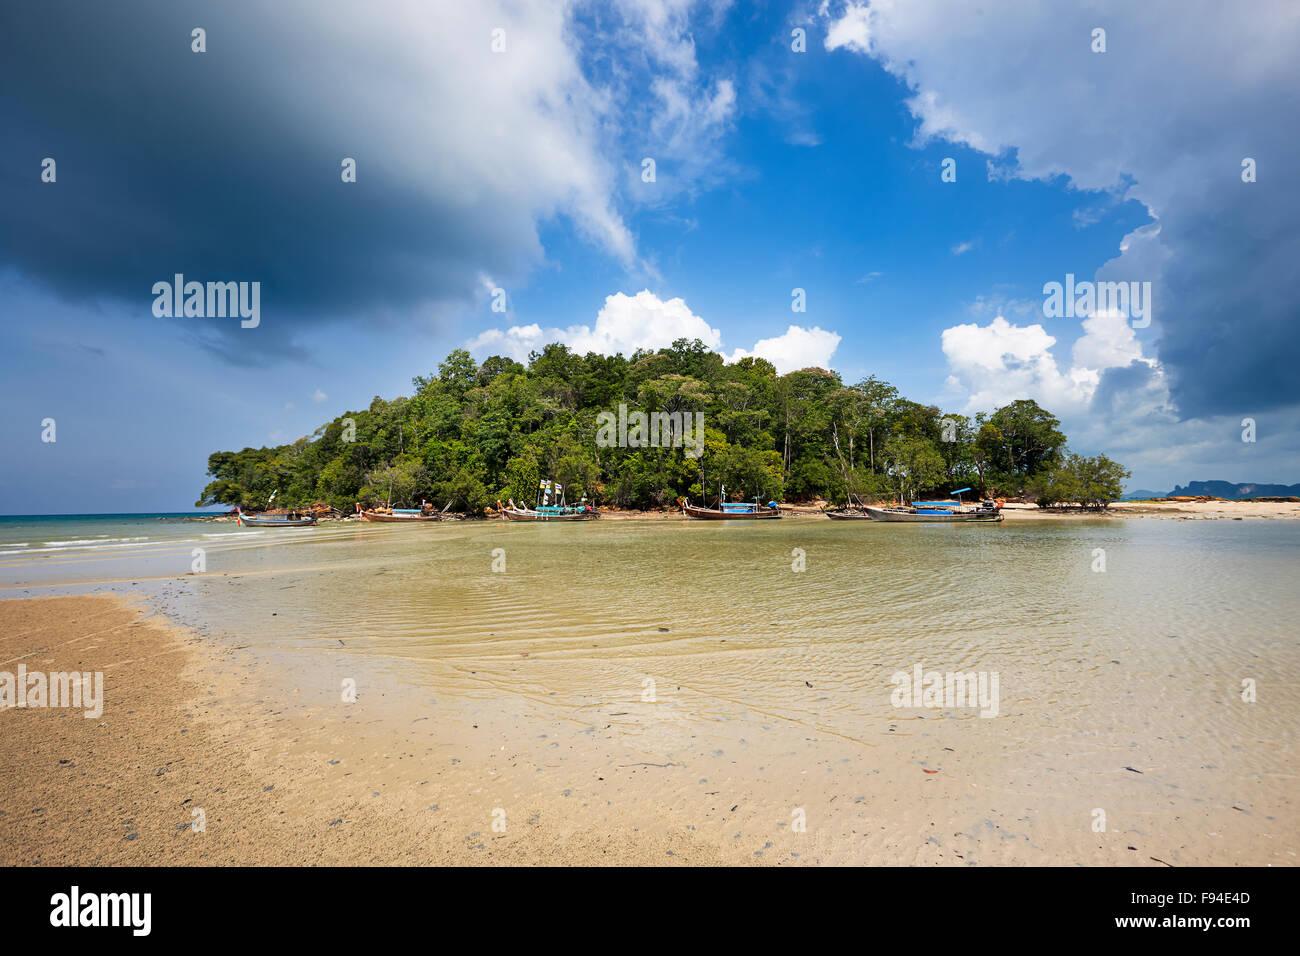 Pequeña isla justo al lado de la playa Klong Muang. Provincia de Krabi, Tailandia. Foto de stock